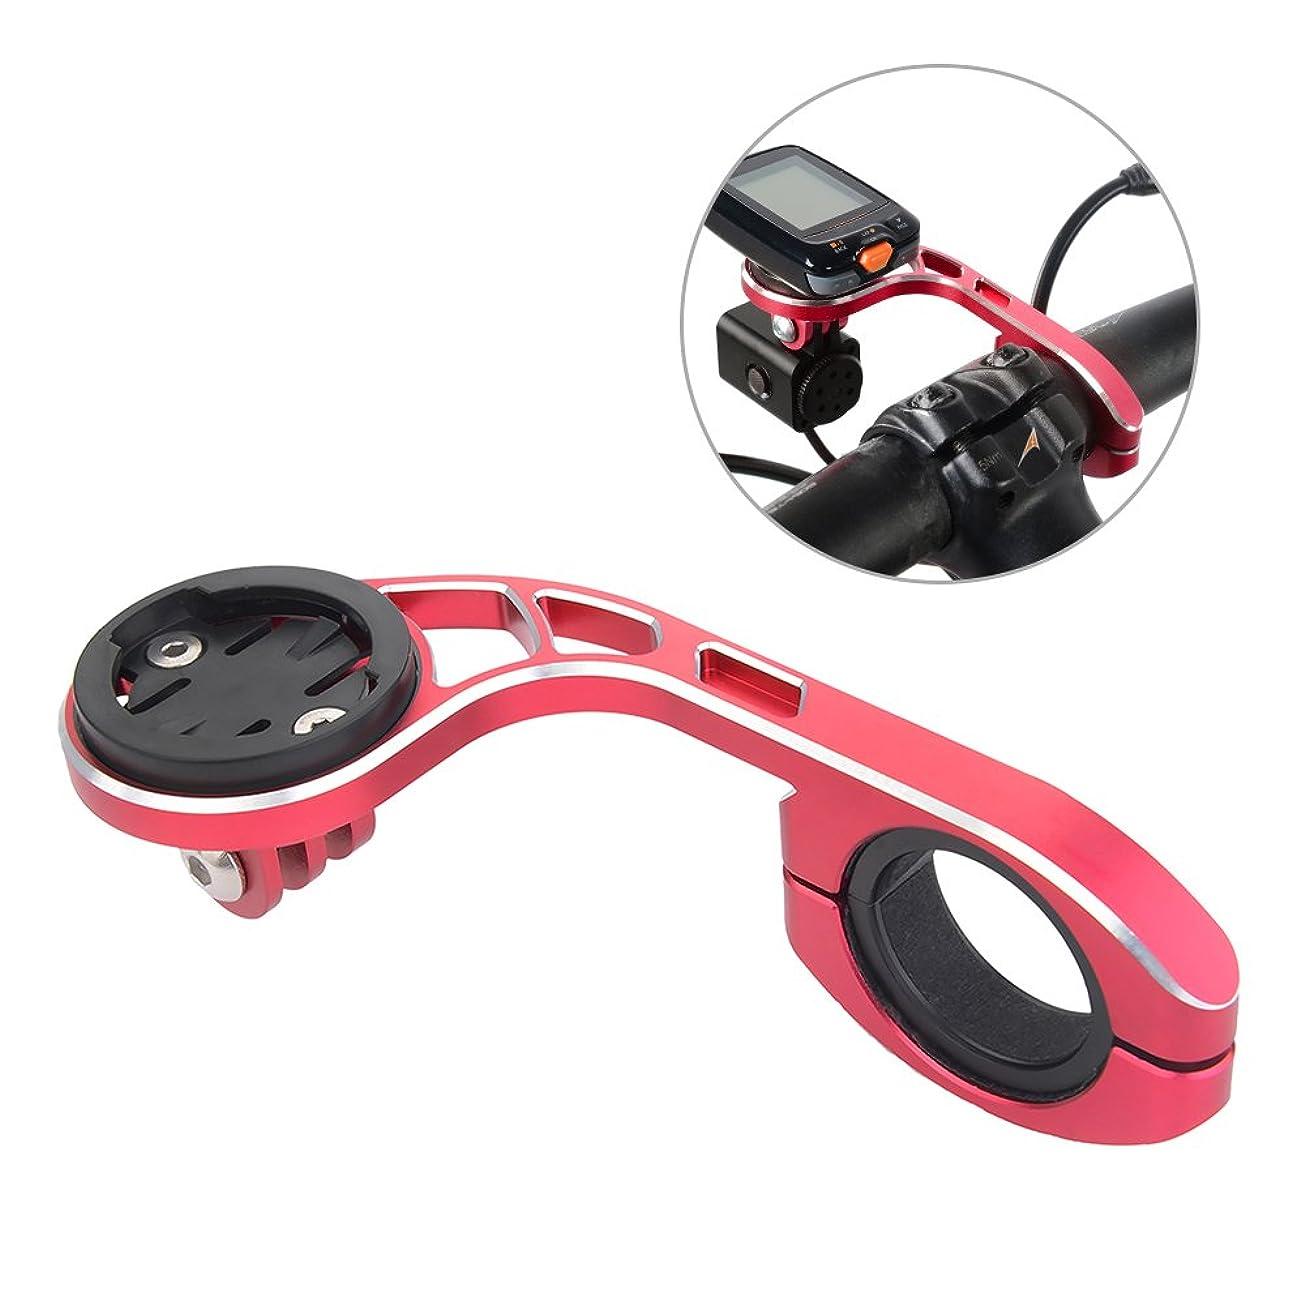 簡単に怒ってオートメーションLIXADA サイクルコンピュータ用ブラケット アウトフロントブラケット BRYTON(ブライトン)とGarmin(ガーミン)に適用 31.8と25.4mm ライトアダプター 自転車コンピュータマウント フロントバイクマウント